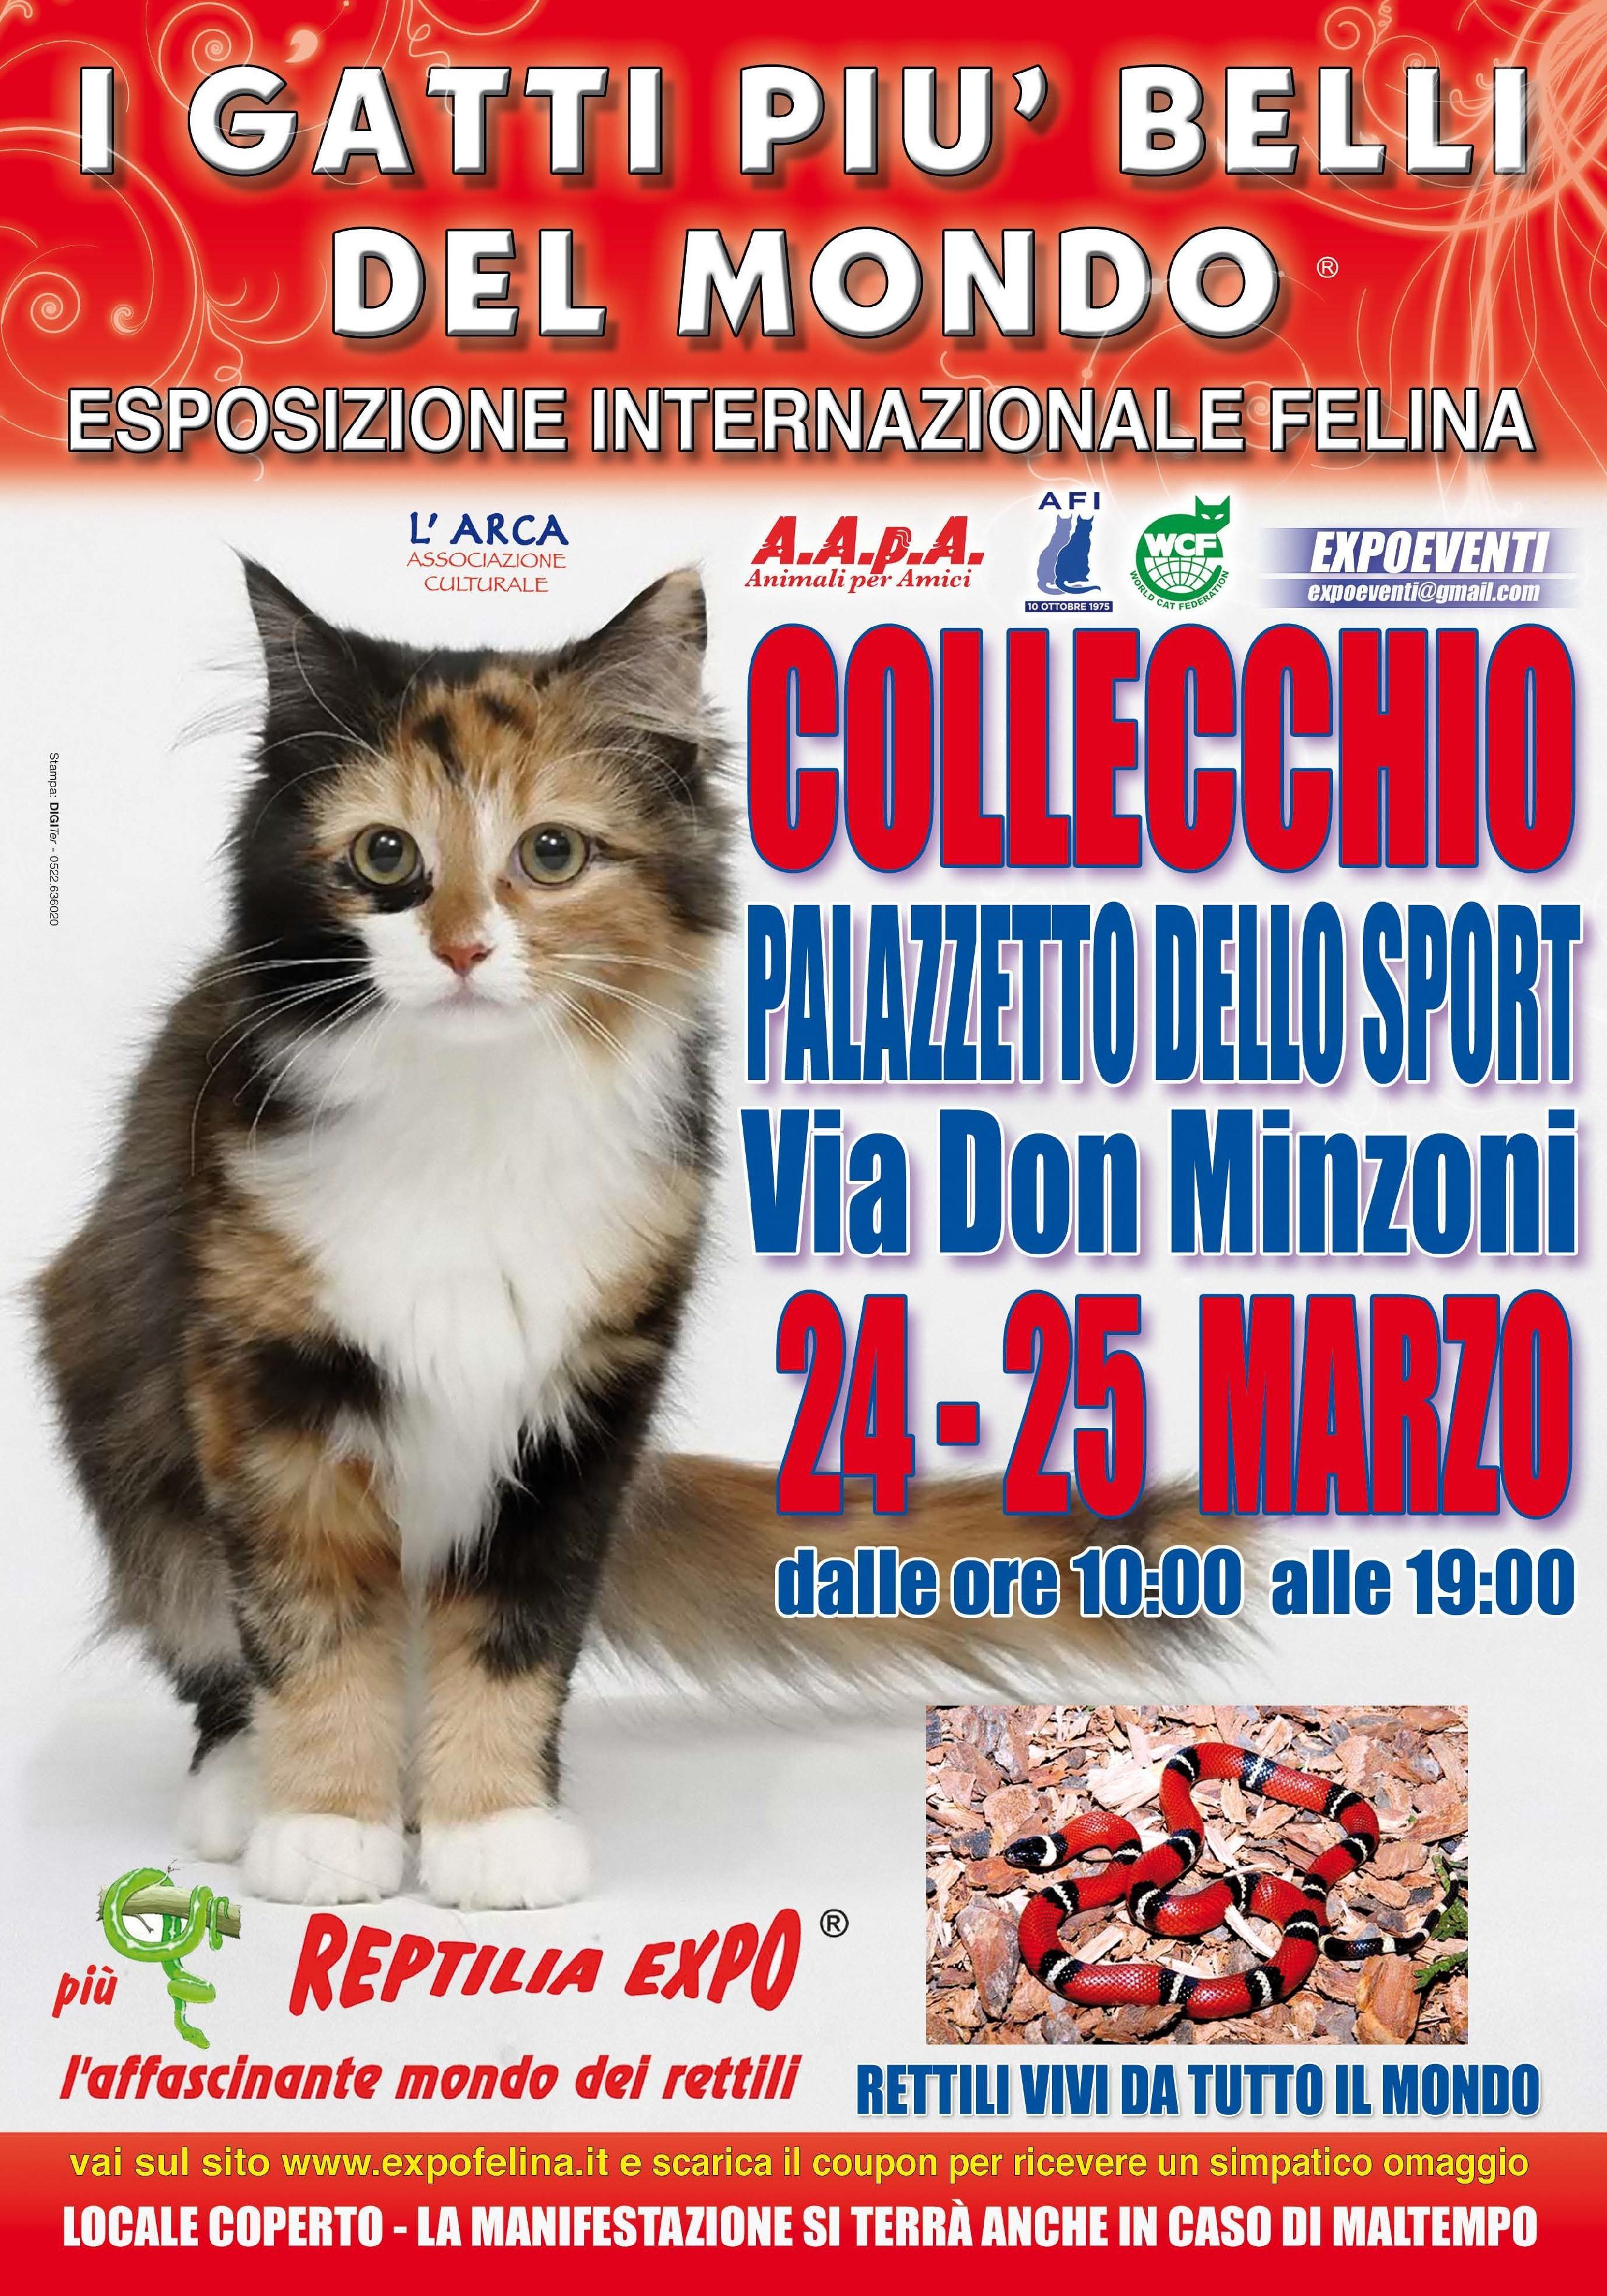 Esposizione Internazionale Felina e mostra dei rettili